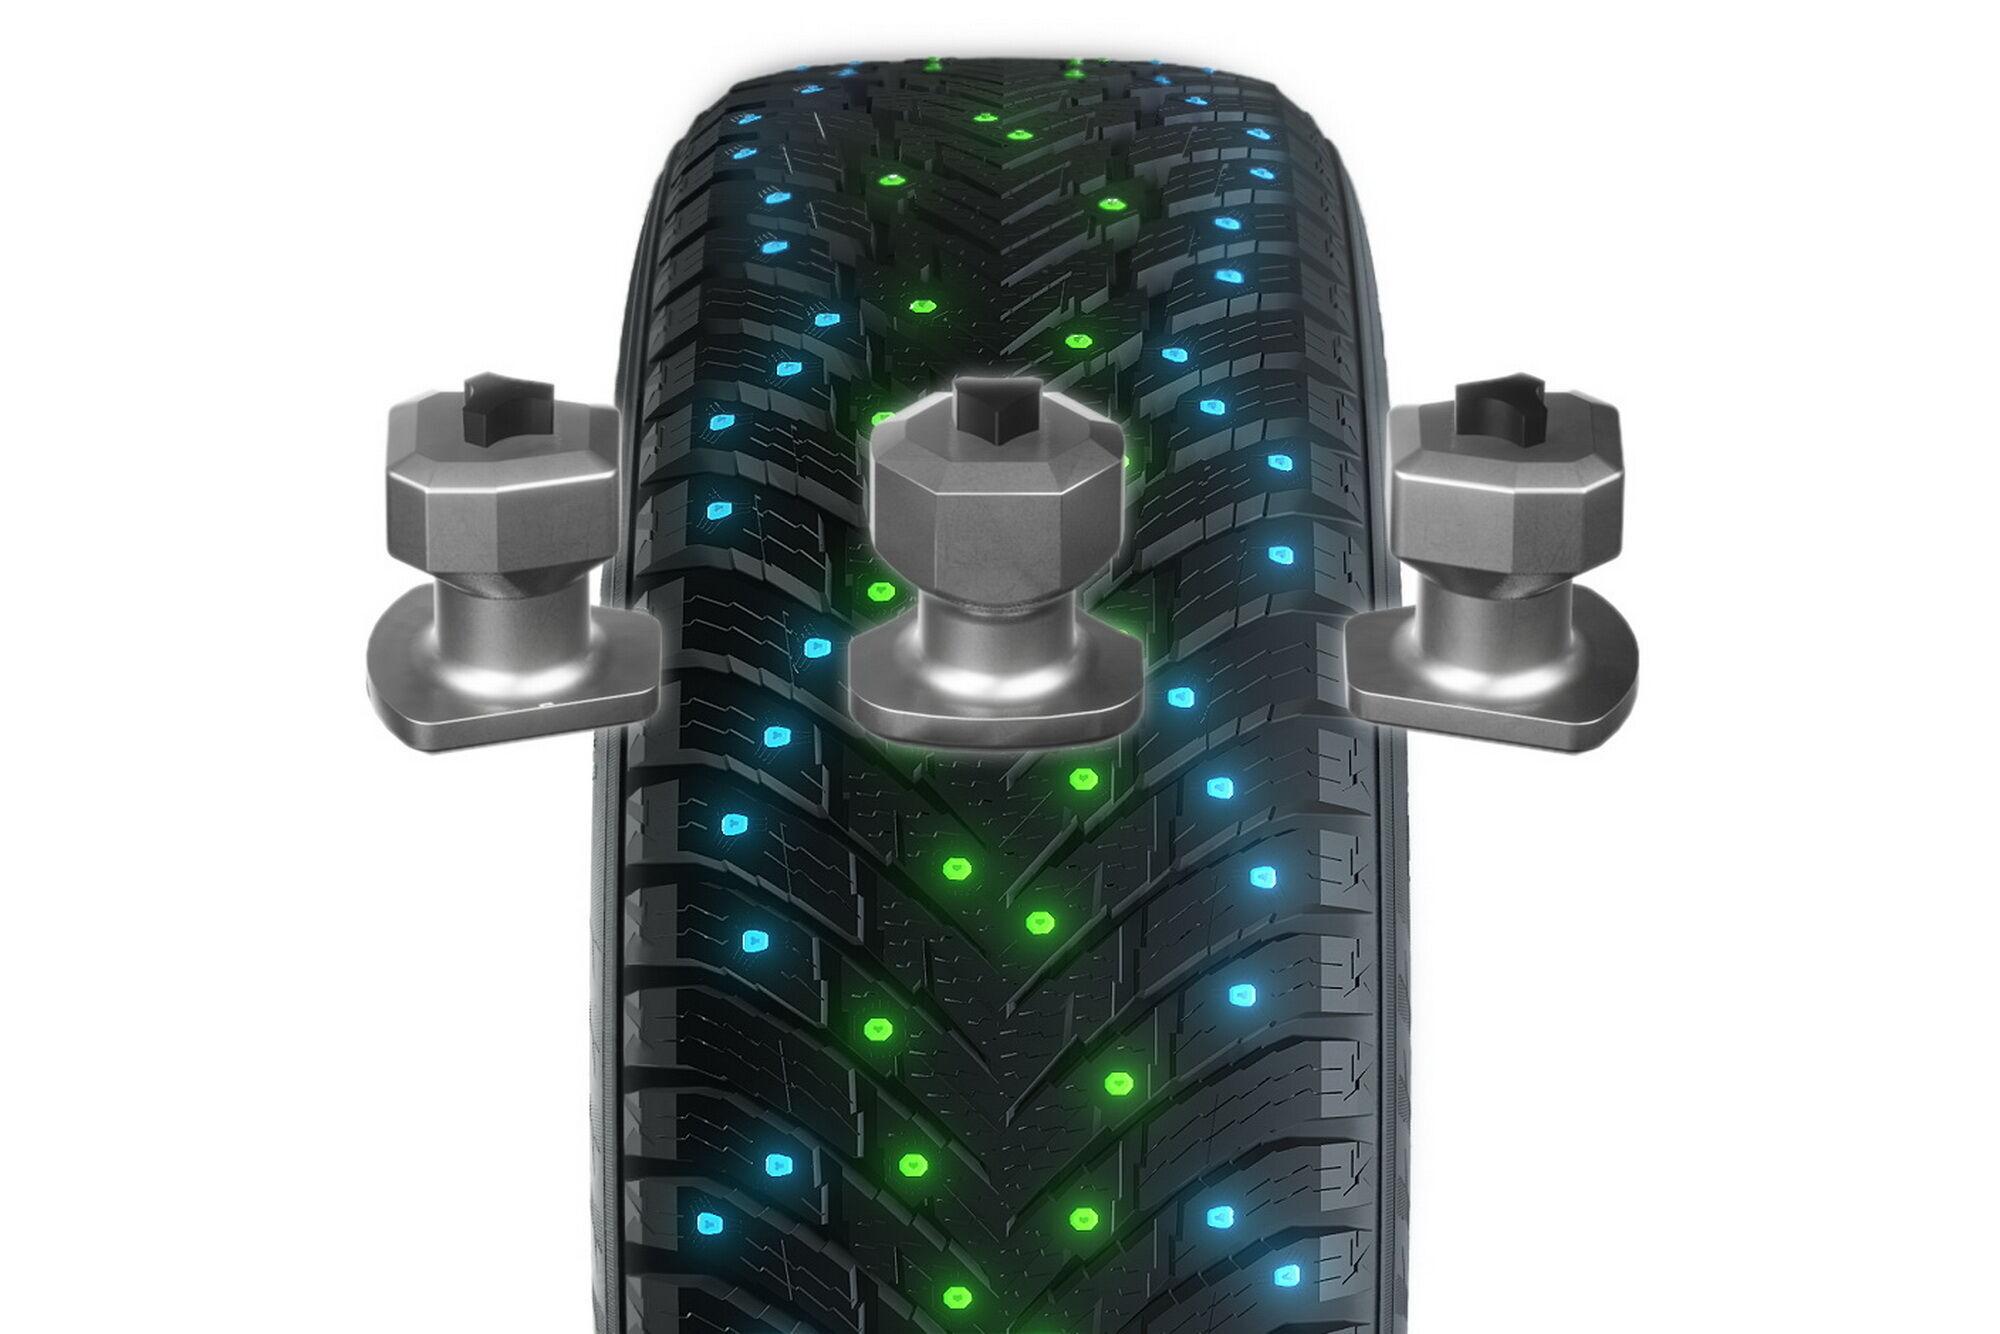 Использование двух разных типов шипов позволяет значительно улучшить поведение шины в различных дорожных условиях